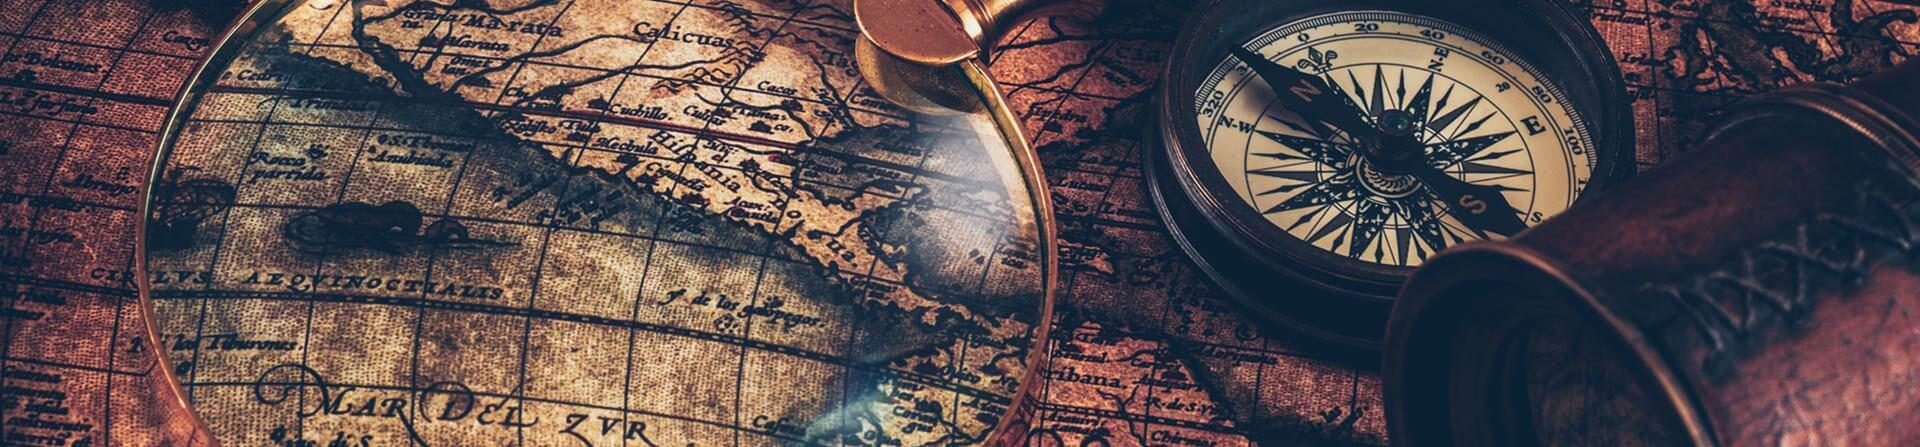 mappa con lente